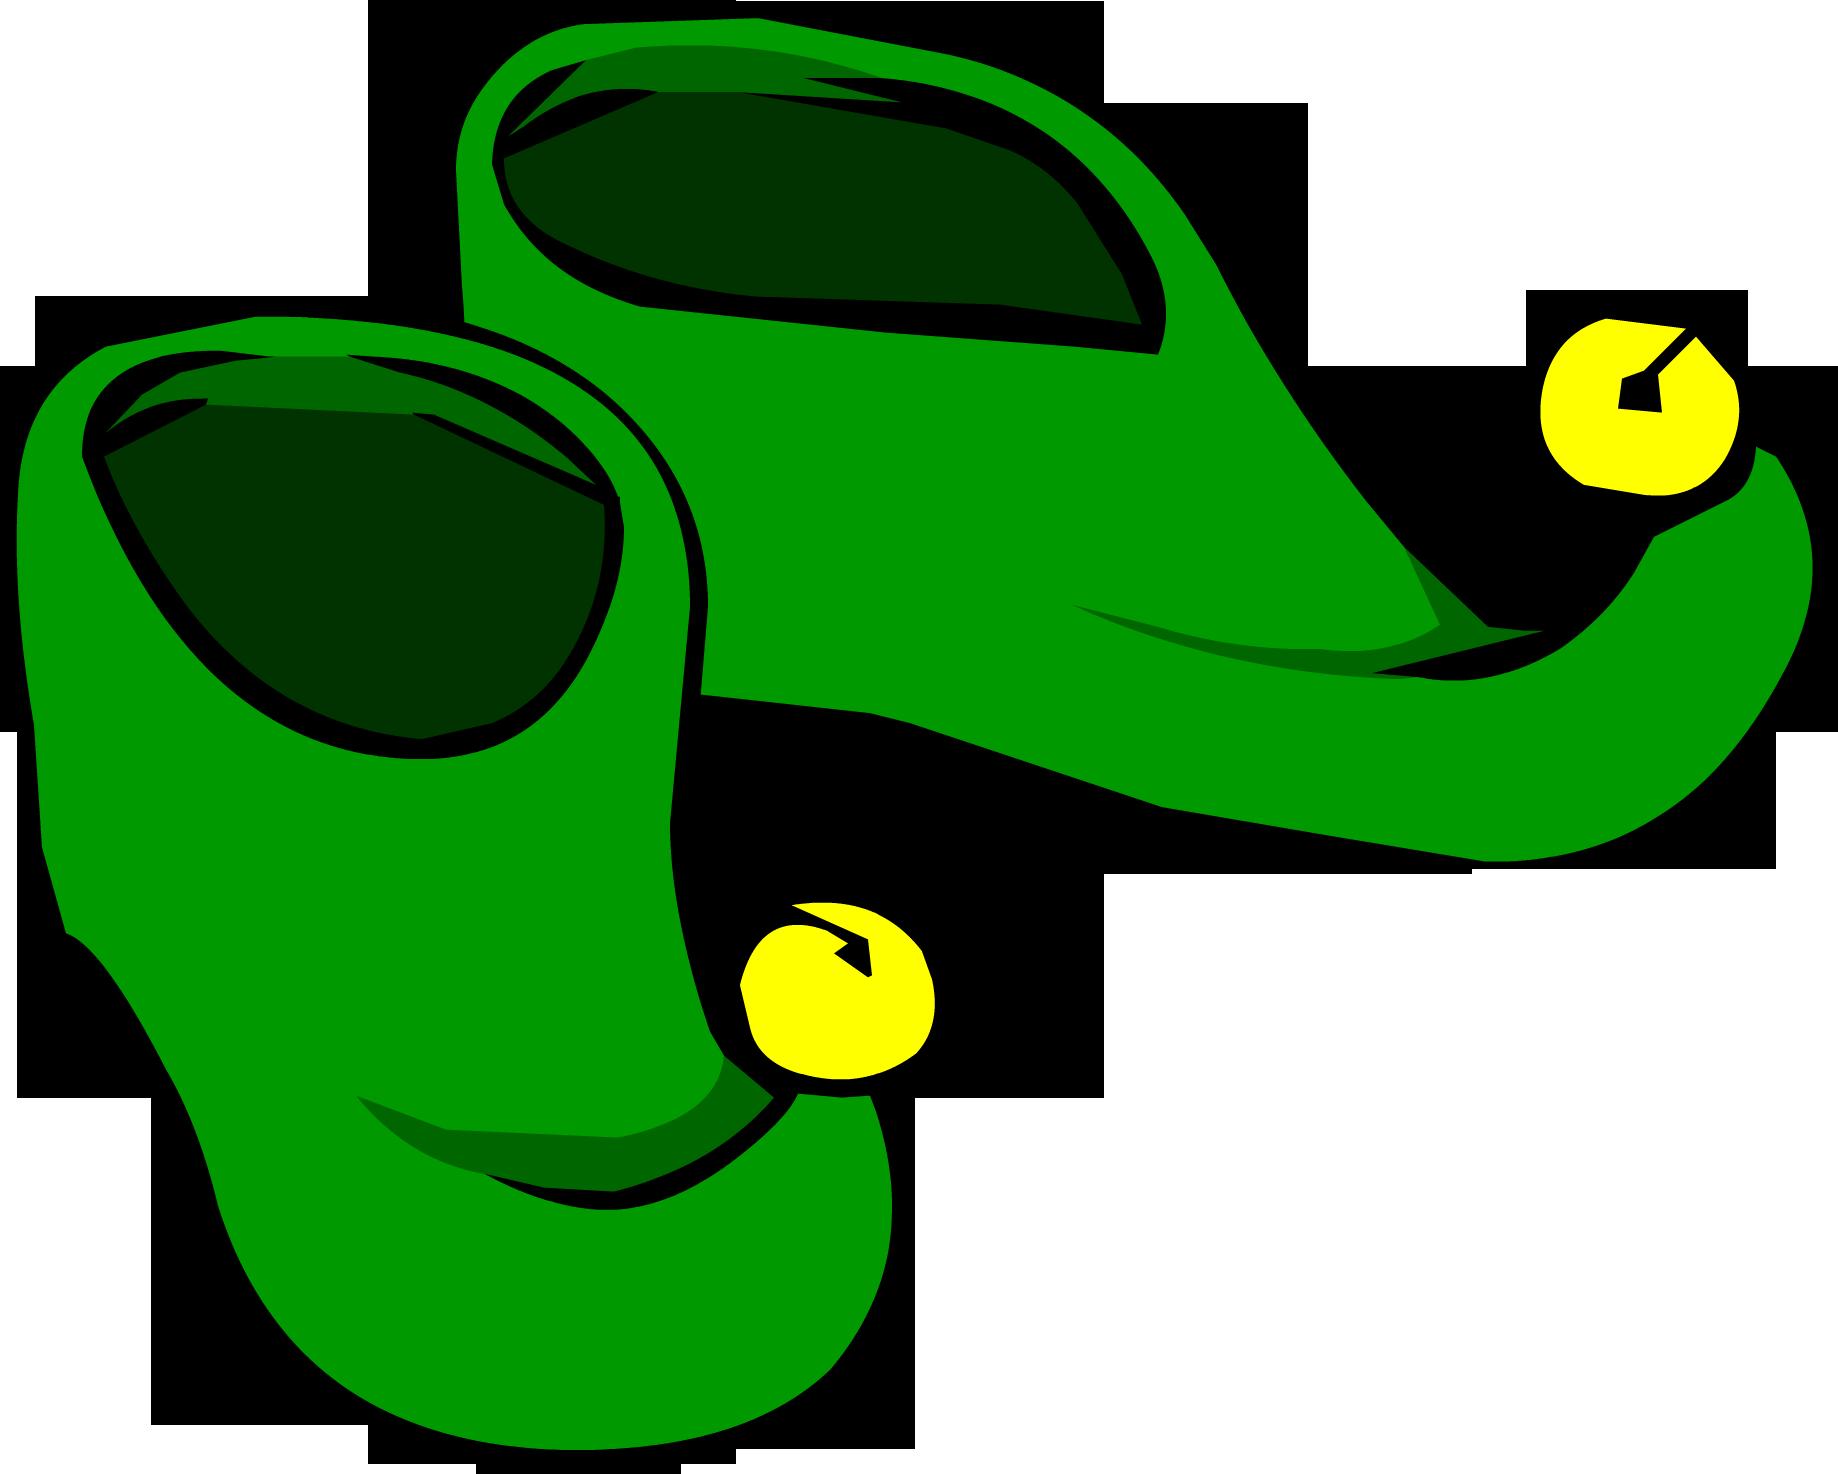 Elf clipart boot Clipart Shoes Shoes #3394 art